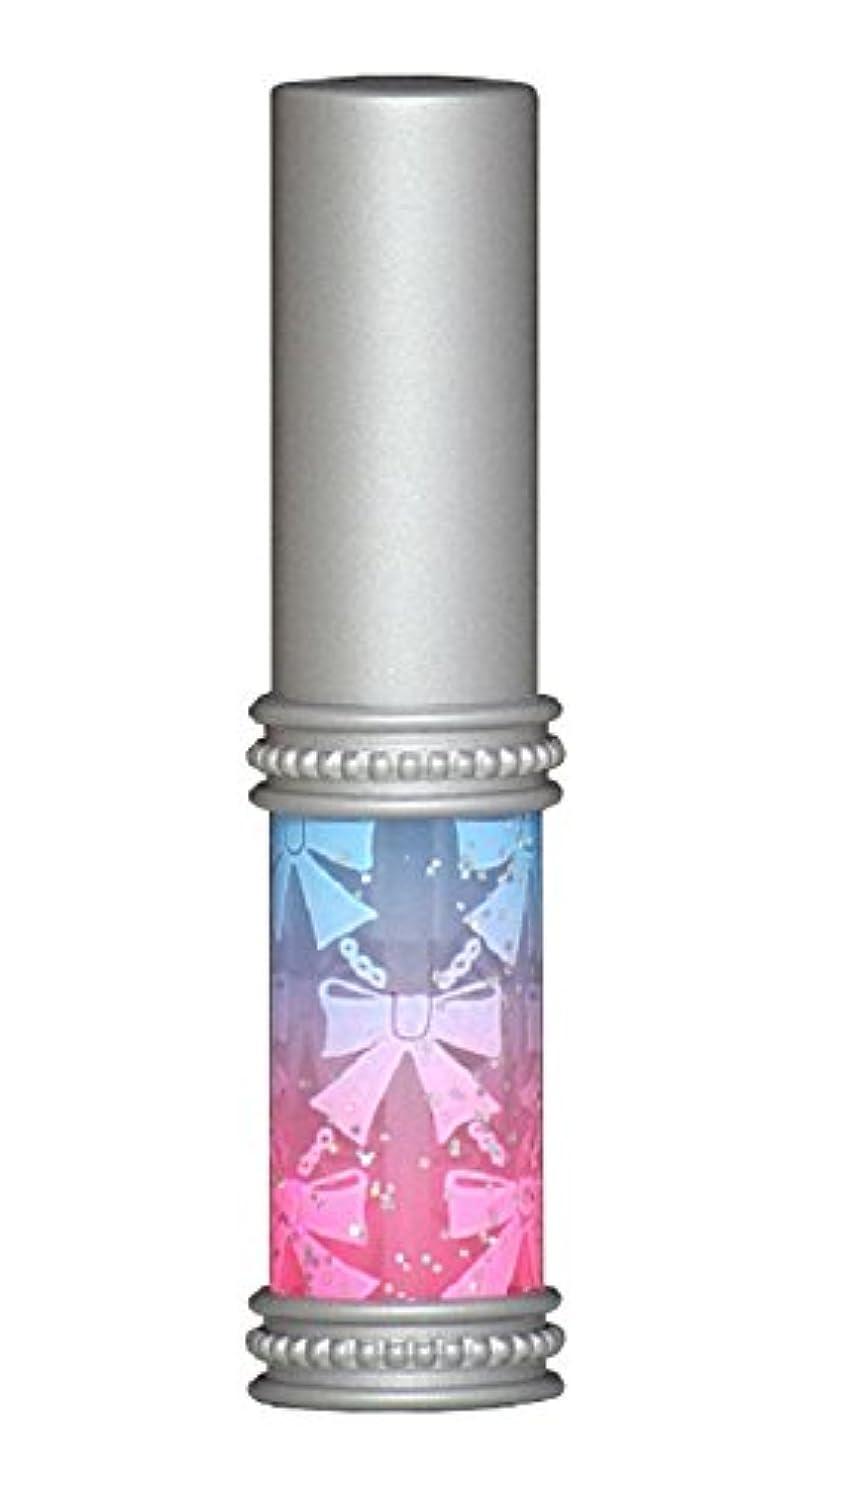 リフトパーク年金ヒロセアトマイザー メタルリボン 16209 BL/PK (メタルラメリボン ブルー/ピンク)